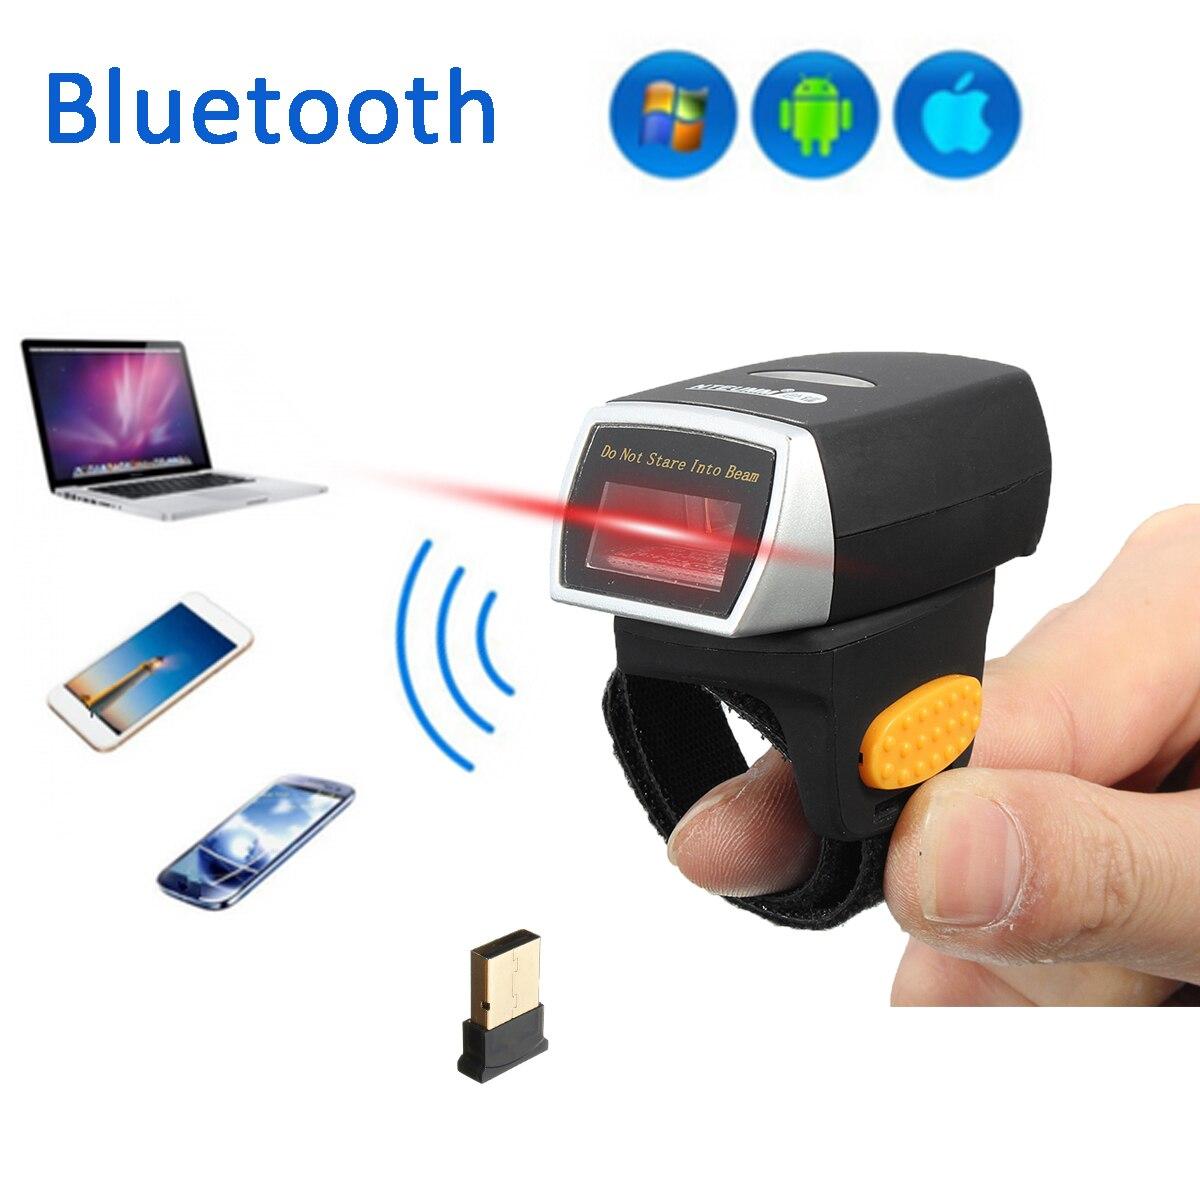 Mini Bluetooth сканер штрих-кода лазерной Weirless сканер носимых кольцо сканер штрих-кода 1D Reader Scan для телефона Планшетные ПК